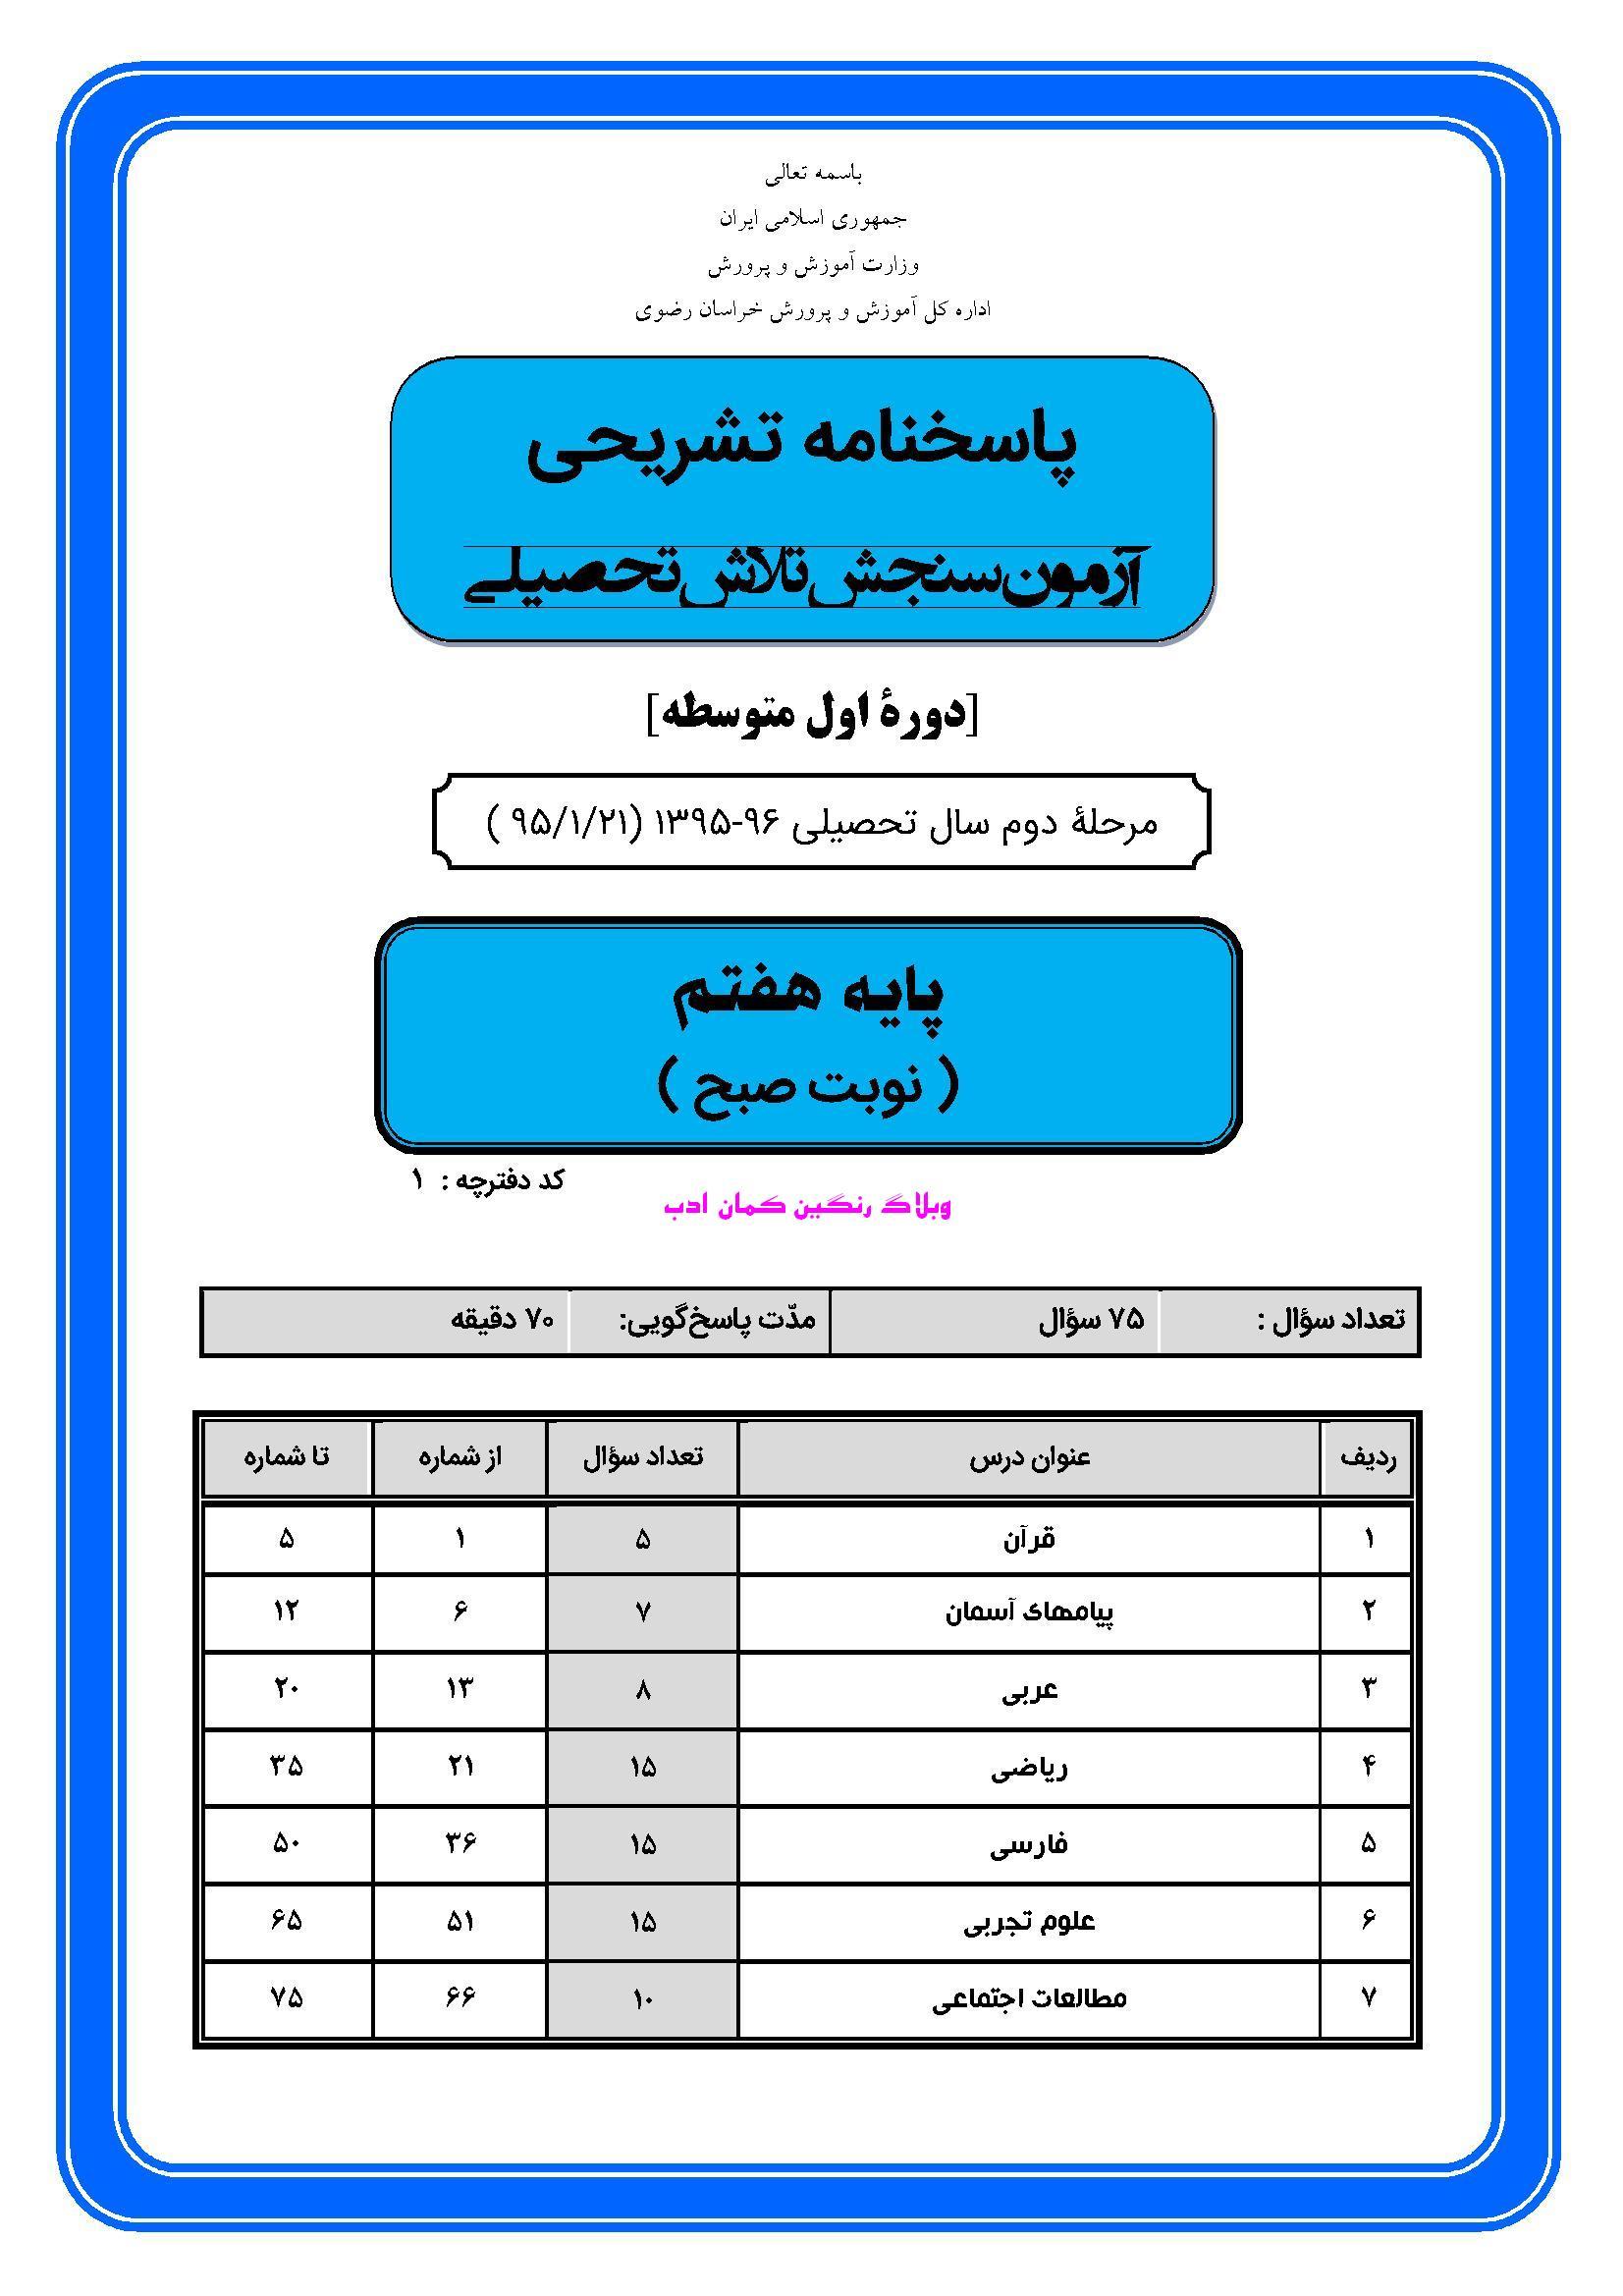 فال حافظ وفا شیرازی نمونه سوالات ازمون سنجش اول هفتم